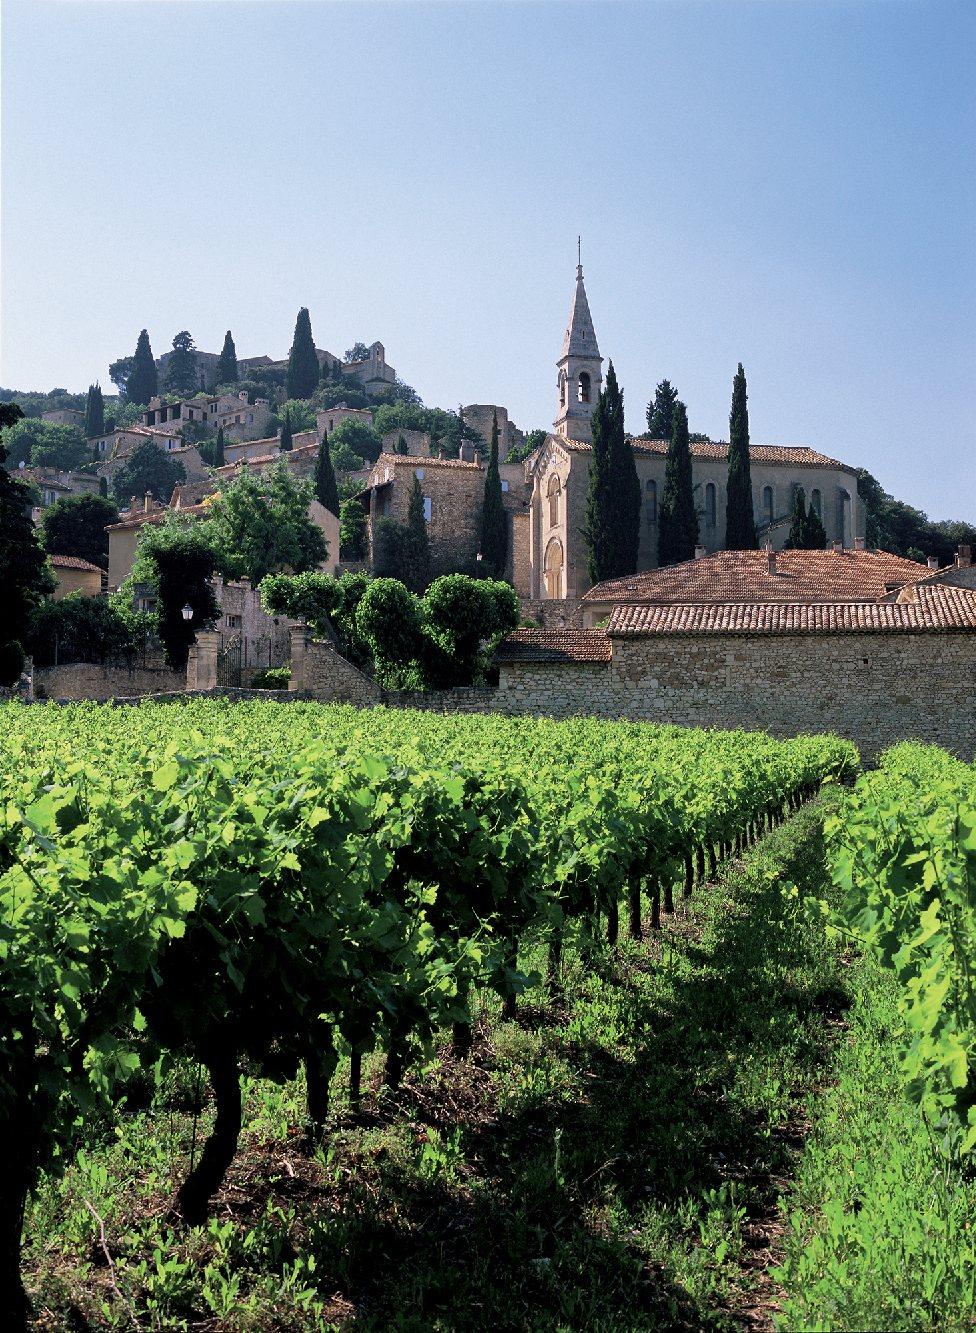 Les plus beaux villages de France  - Page 4 La-roq17